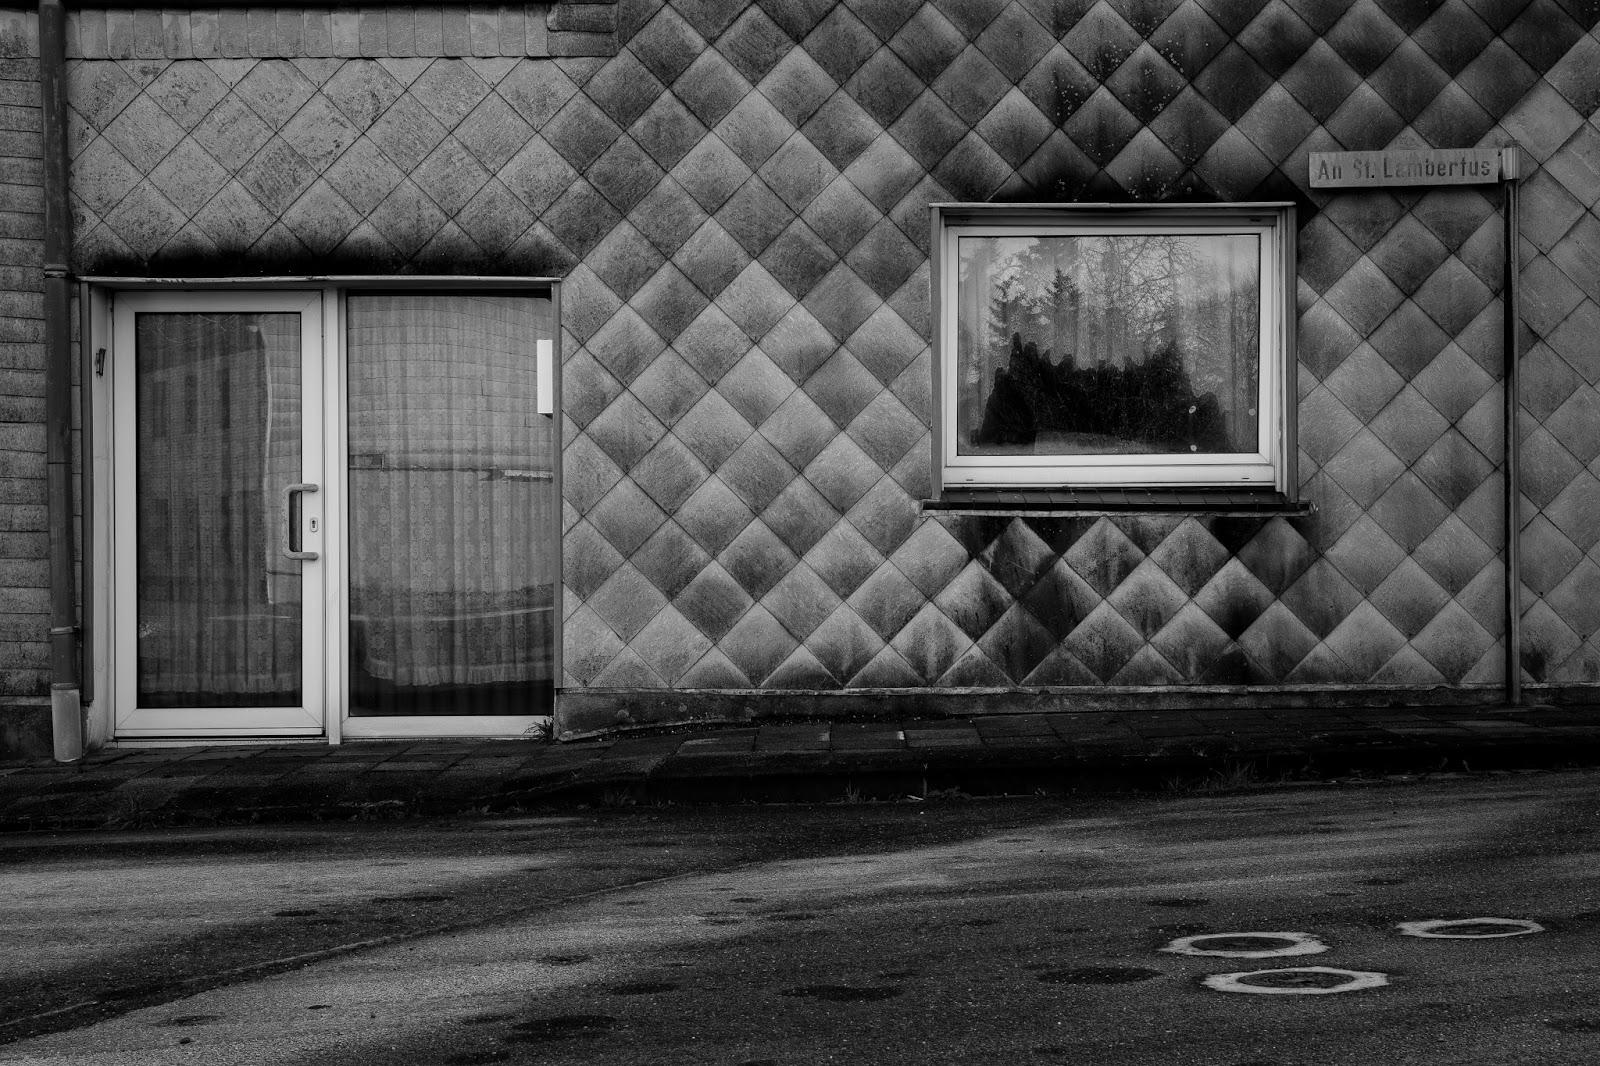 Stillgelegte Gasse An Sankt Lambertus in Immerath Garzweiler Reportagefotografie Andreas Blauth